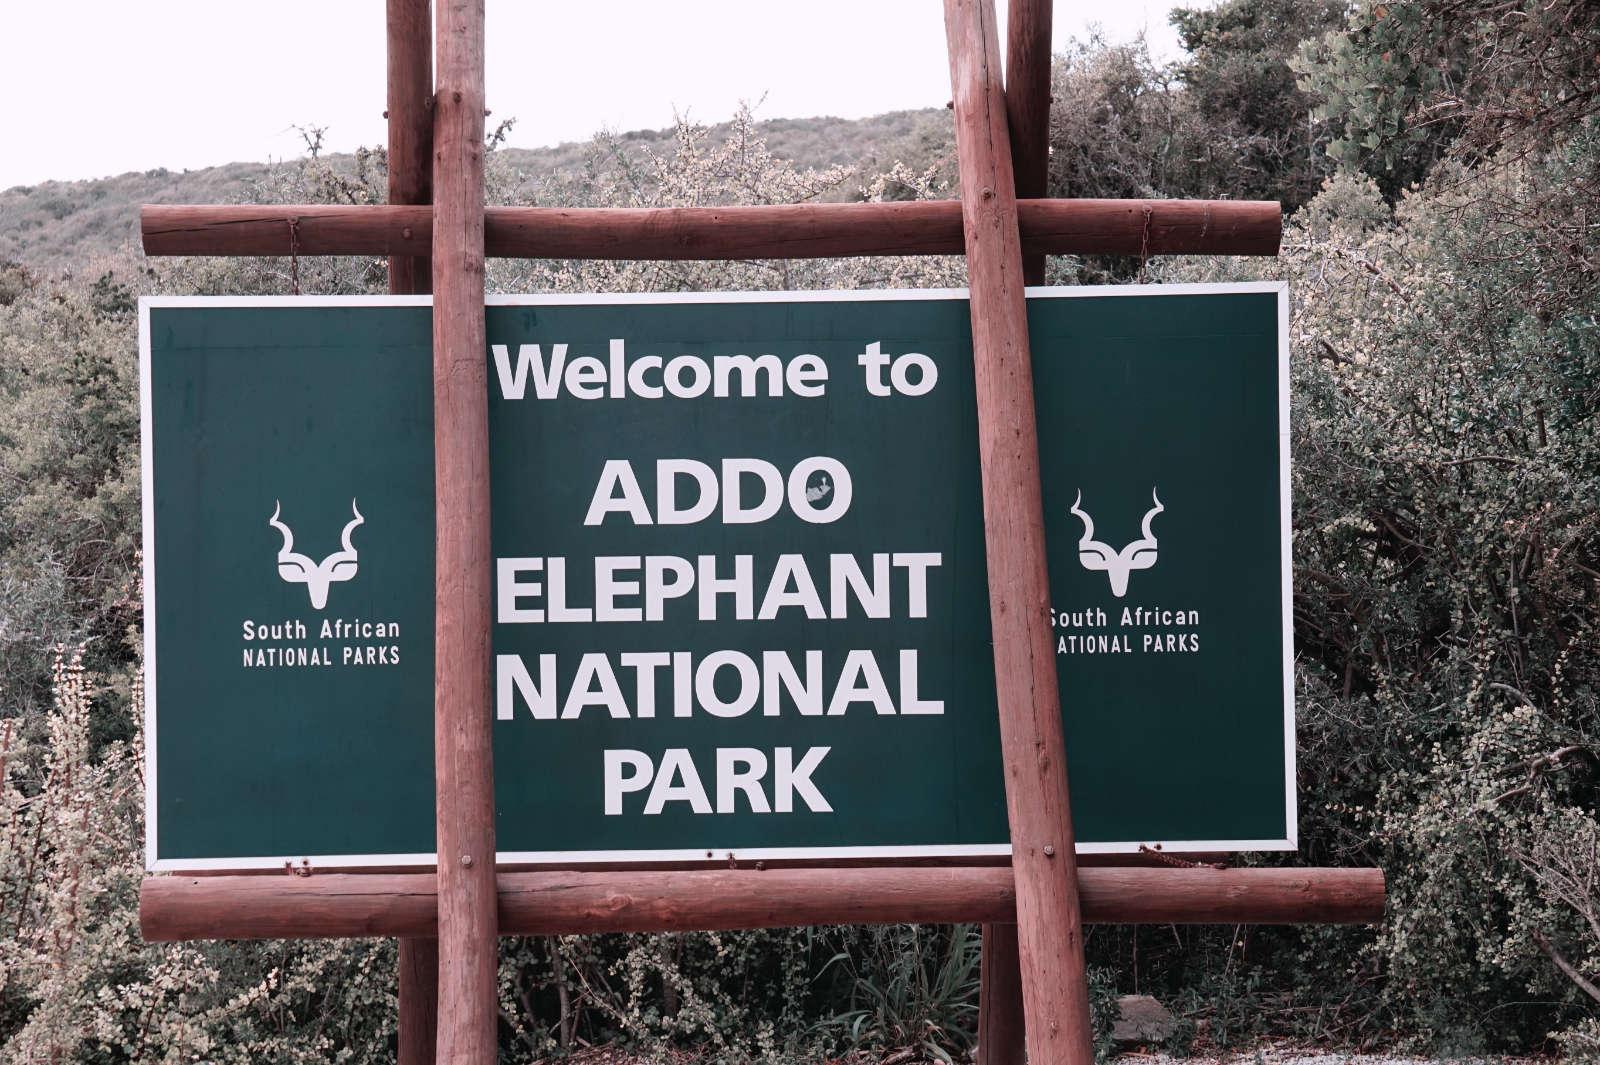 Eingang Addo Elephant National Park